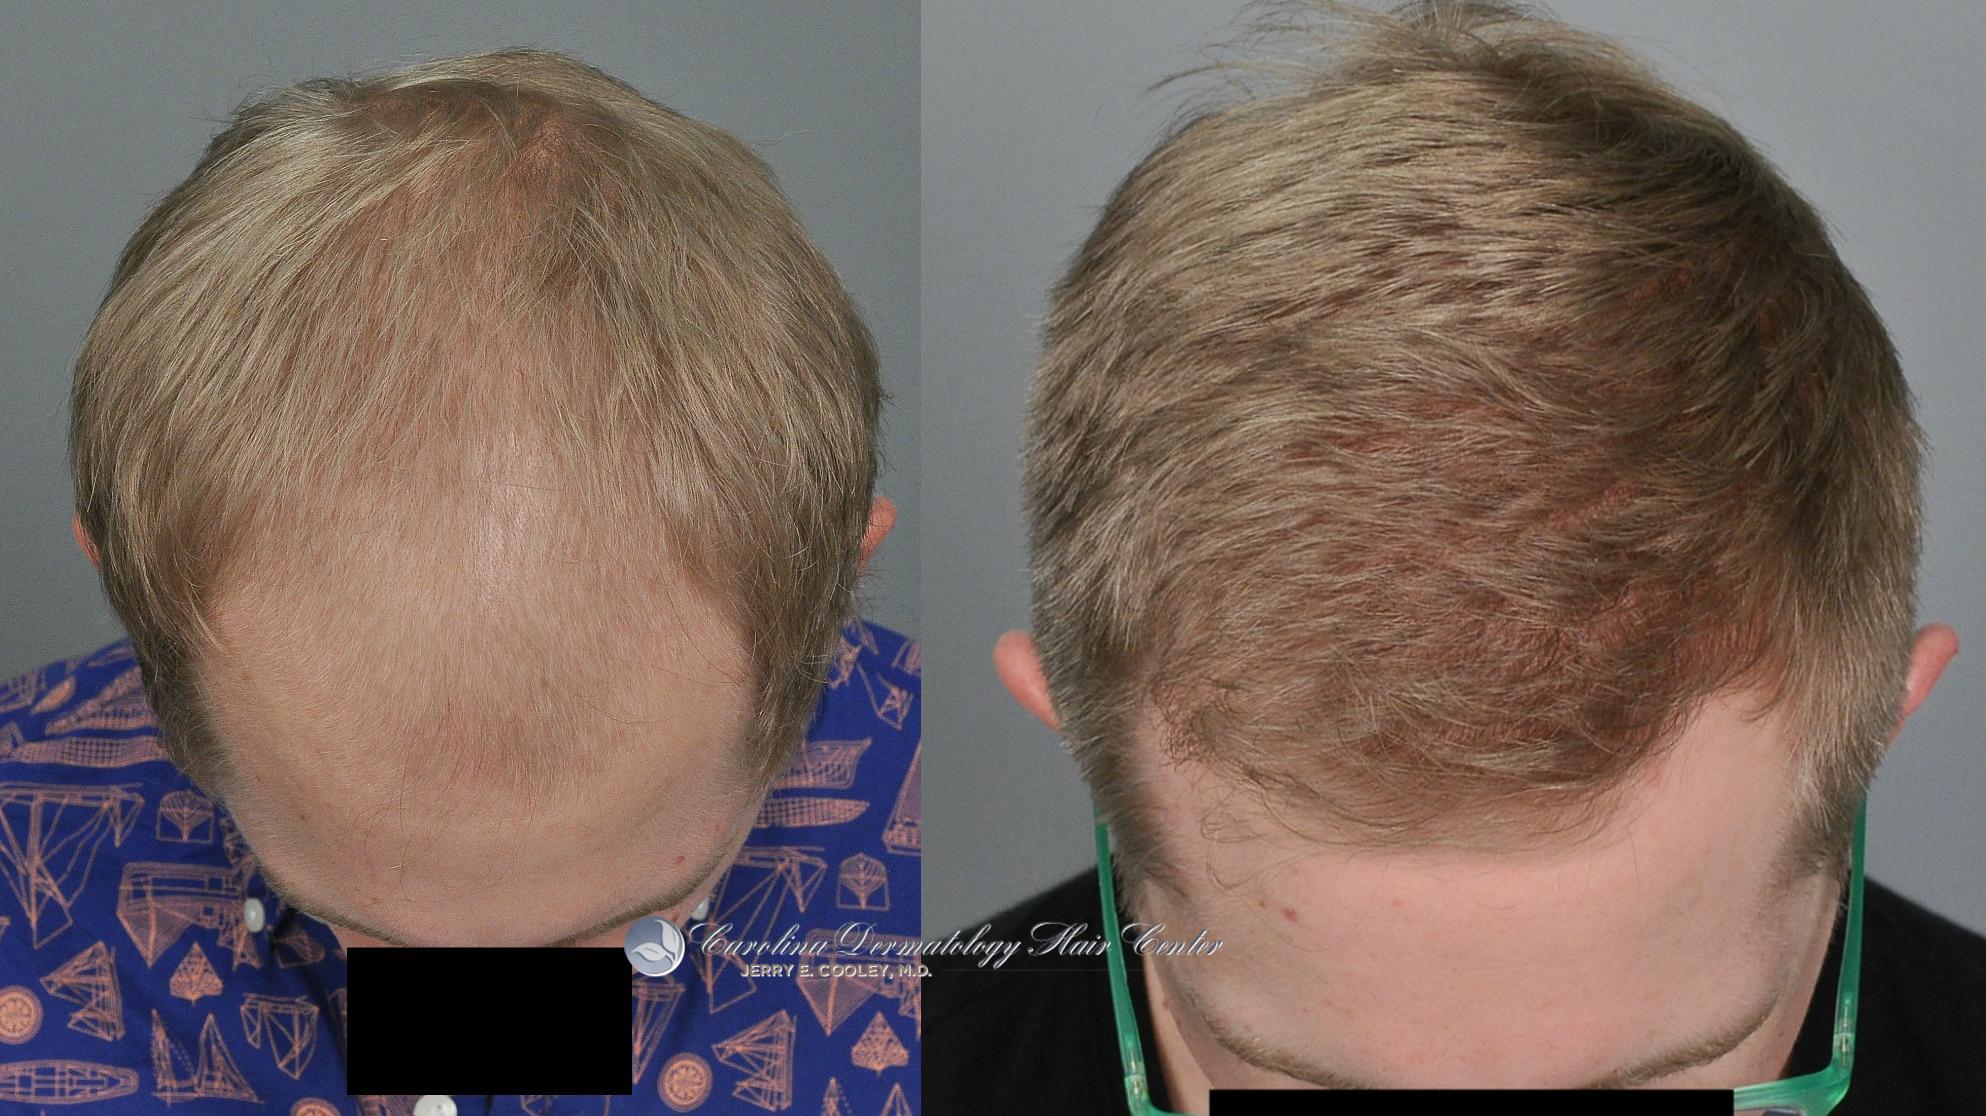 north-carolina-hair-transplant-3618-FUT-2.jpg